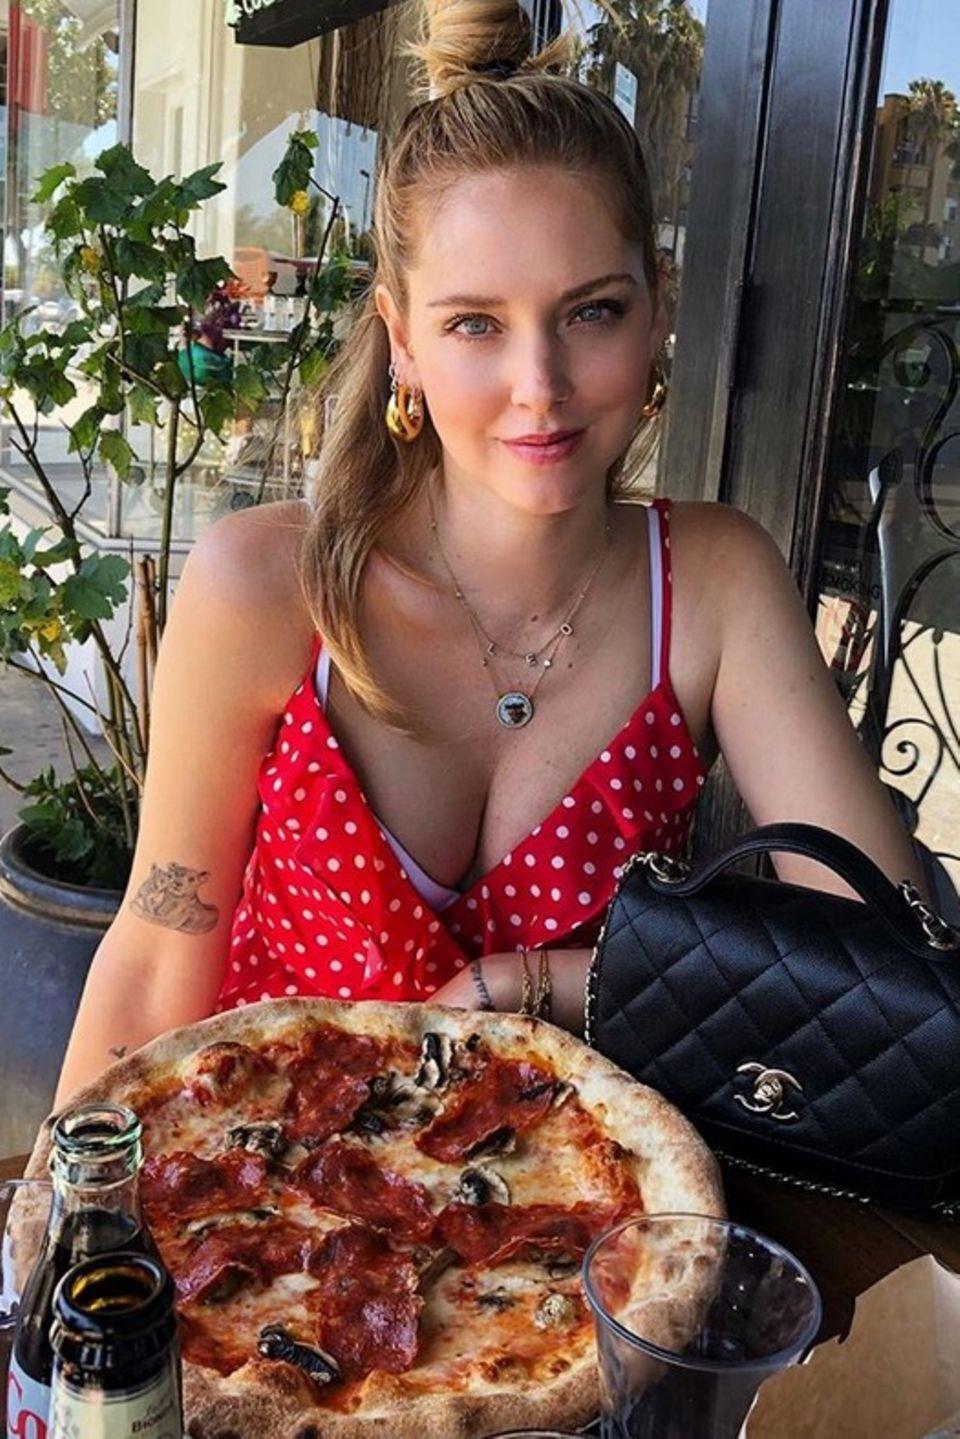 Beim Anblick dieser Pizza läuft einem doch glatt das Wasser im Mund zusammen. Star-Bloggerin Chiara Ferragni beim Lunch in Los Angeles.